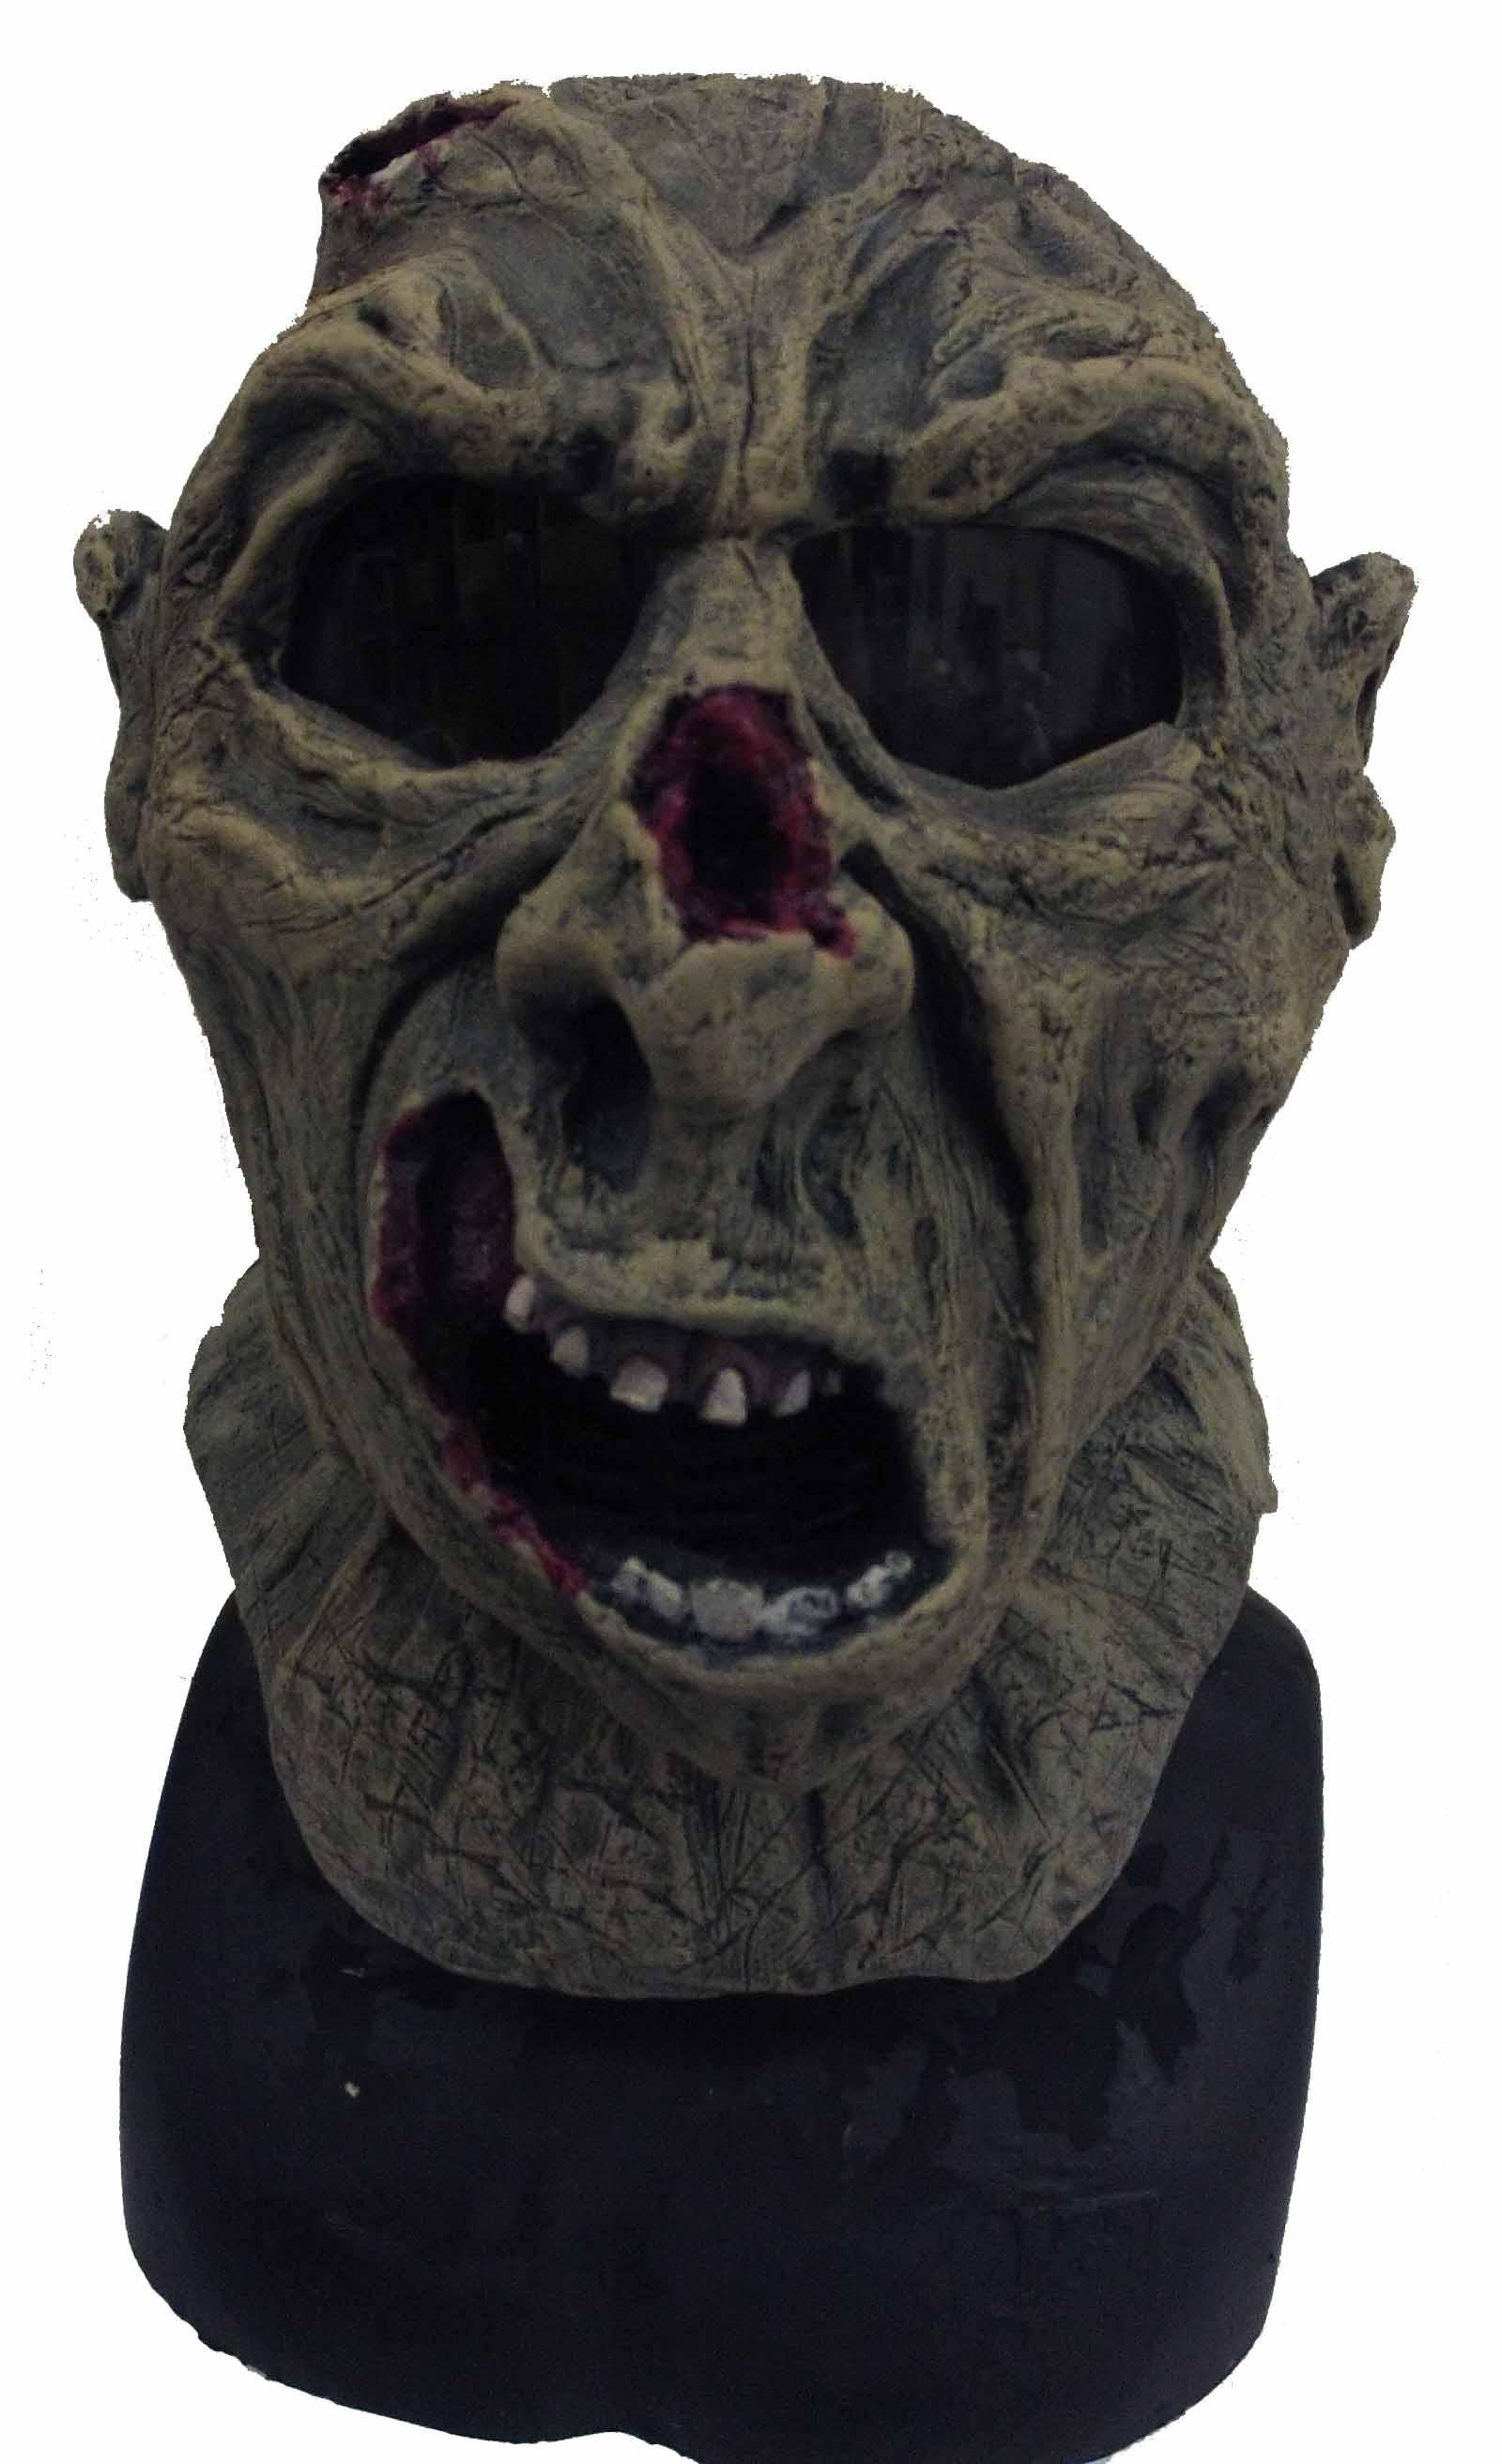 Flesh Eater PB mask